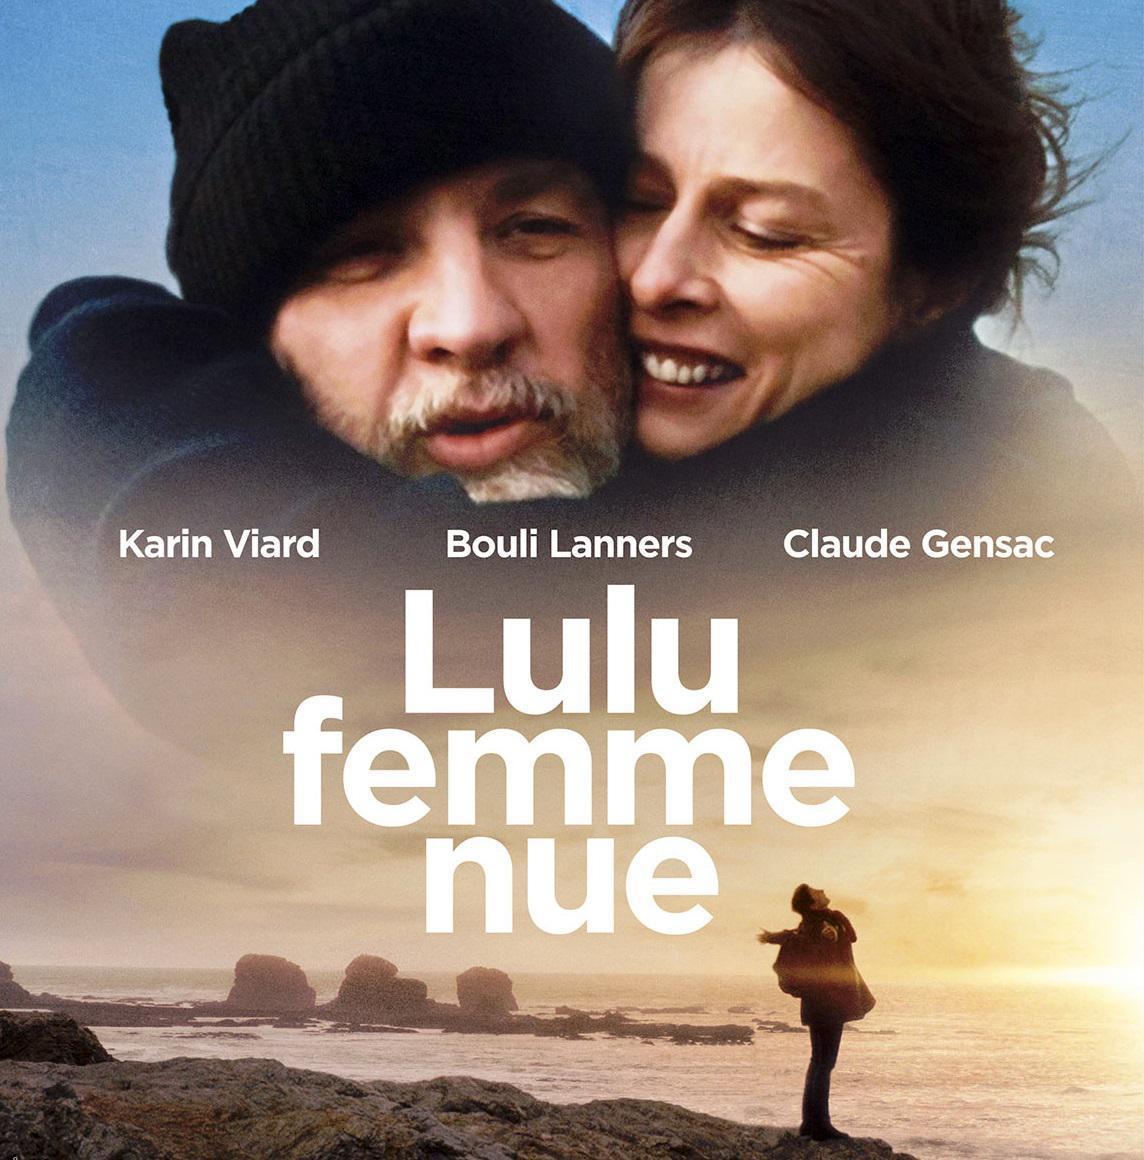 lulu-femme-nue-529485